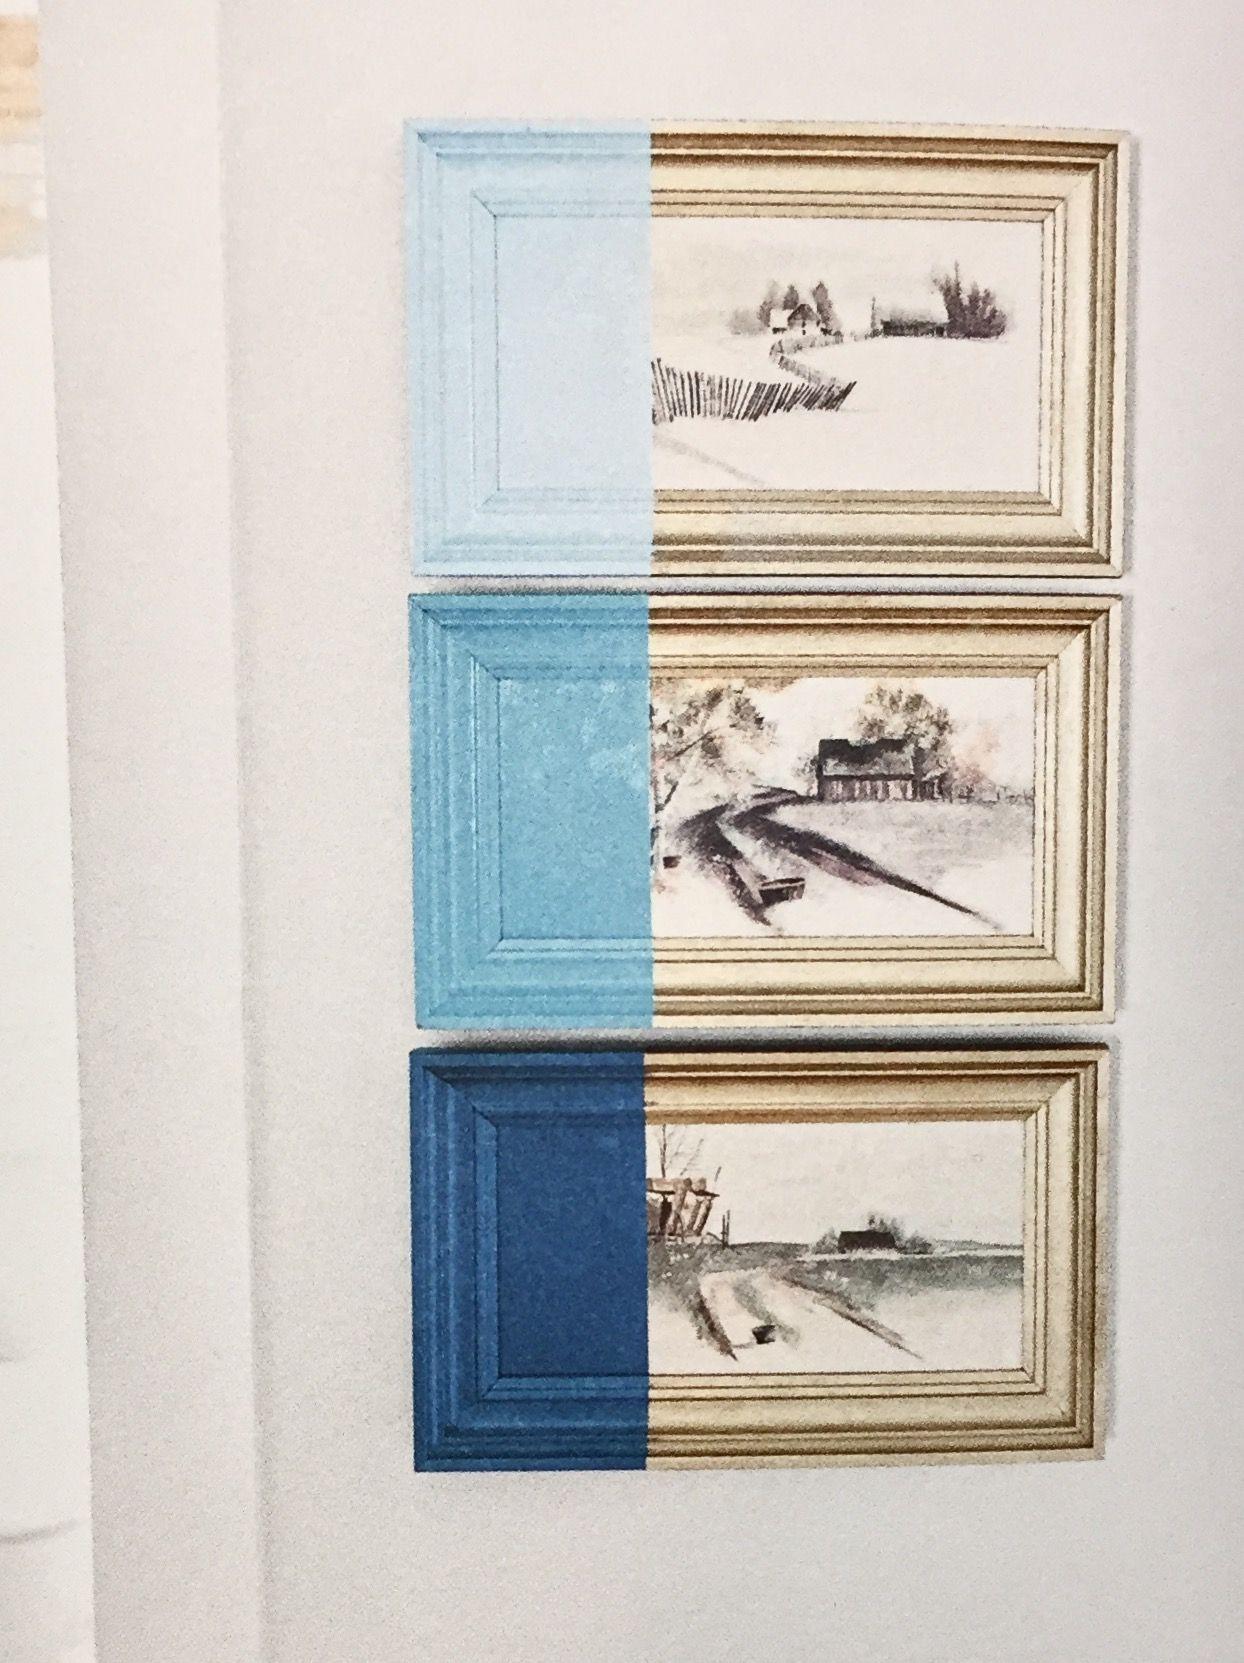 Bilder ohne Zusammenhang in Farbe tauchen